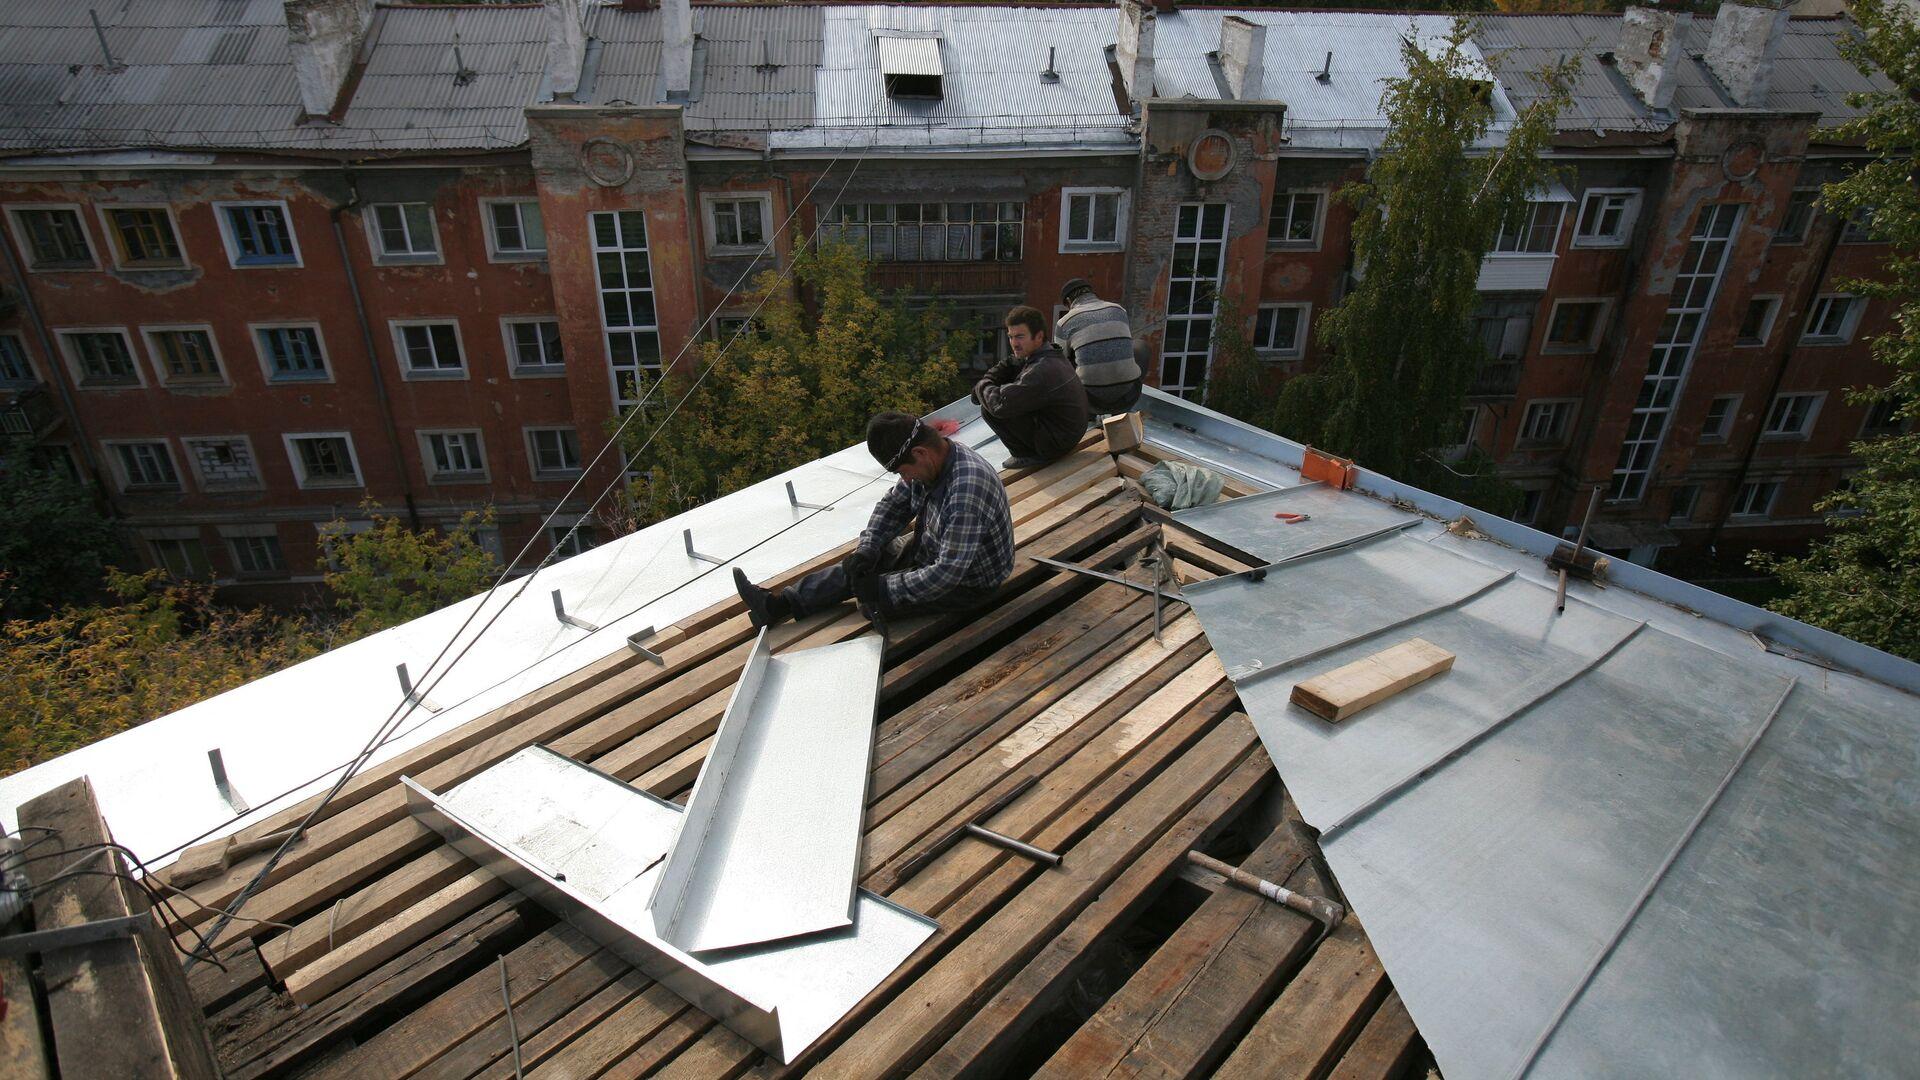 Капитальный ремонт домов в Новосибирске - РИА Новости, 1920, 18.06.2021